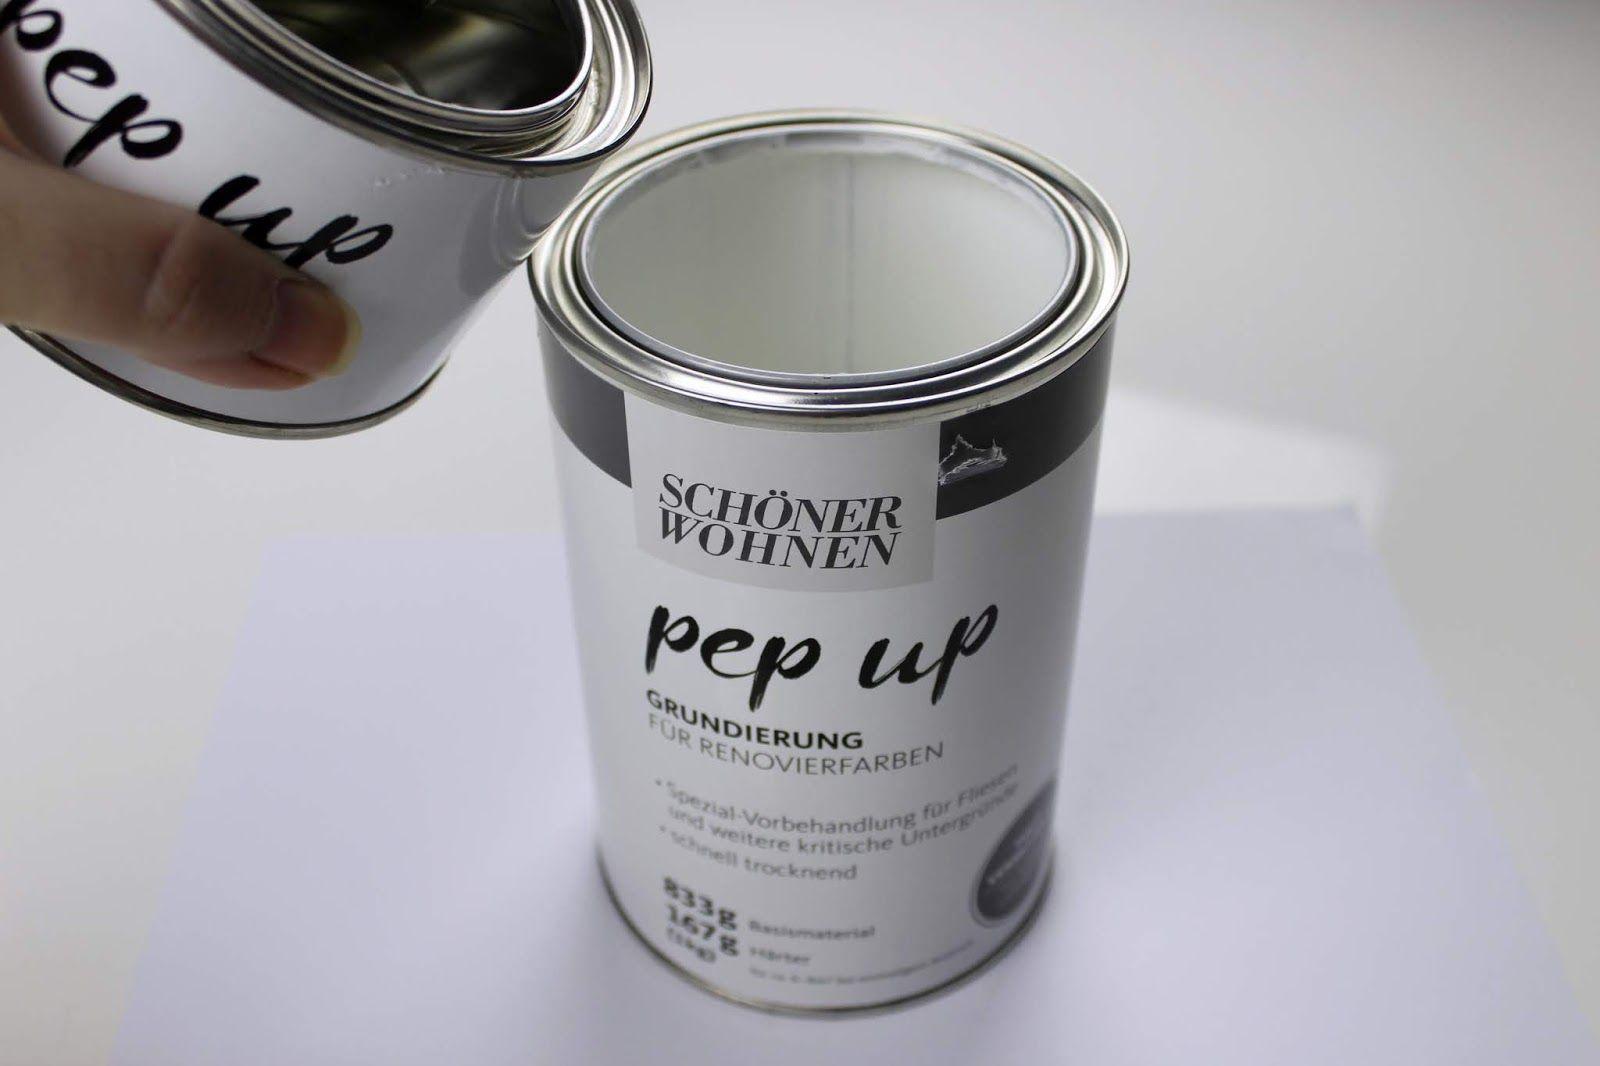 Diy Badezimmer Make Over Einfaches Recylcing Mit Der Schoner Wohnen Pep Up Renovierfarbe Fur Fliesen Badezimmer Streichen Fliesenfarbe Renovieren